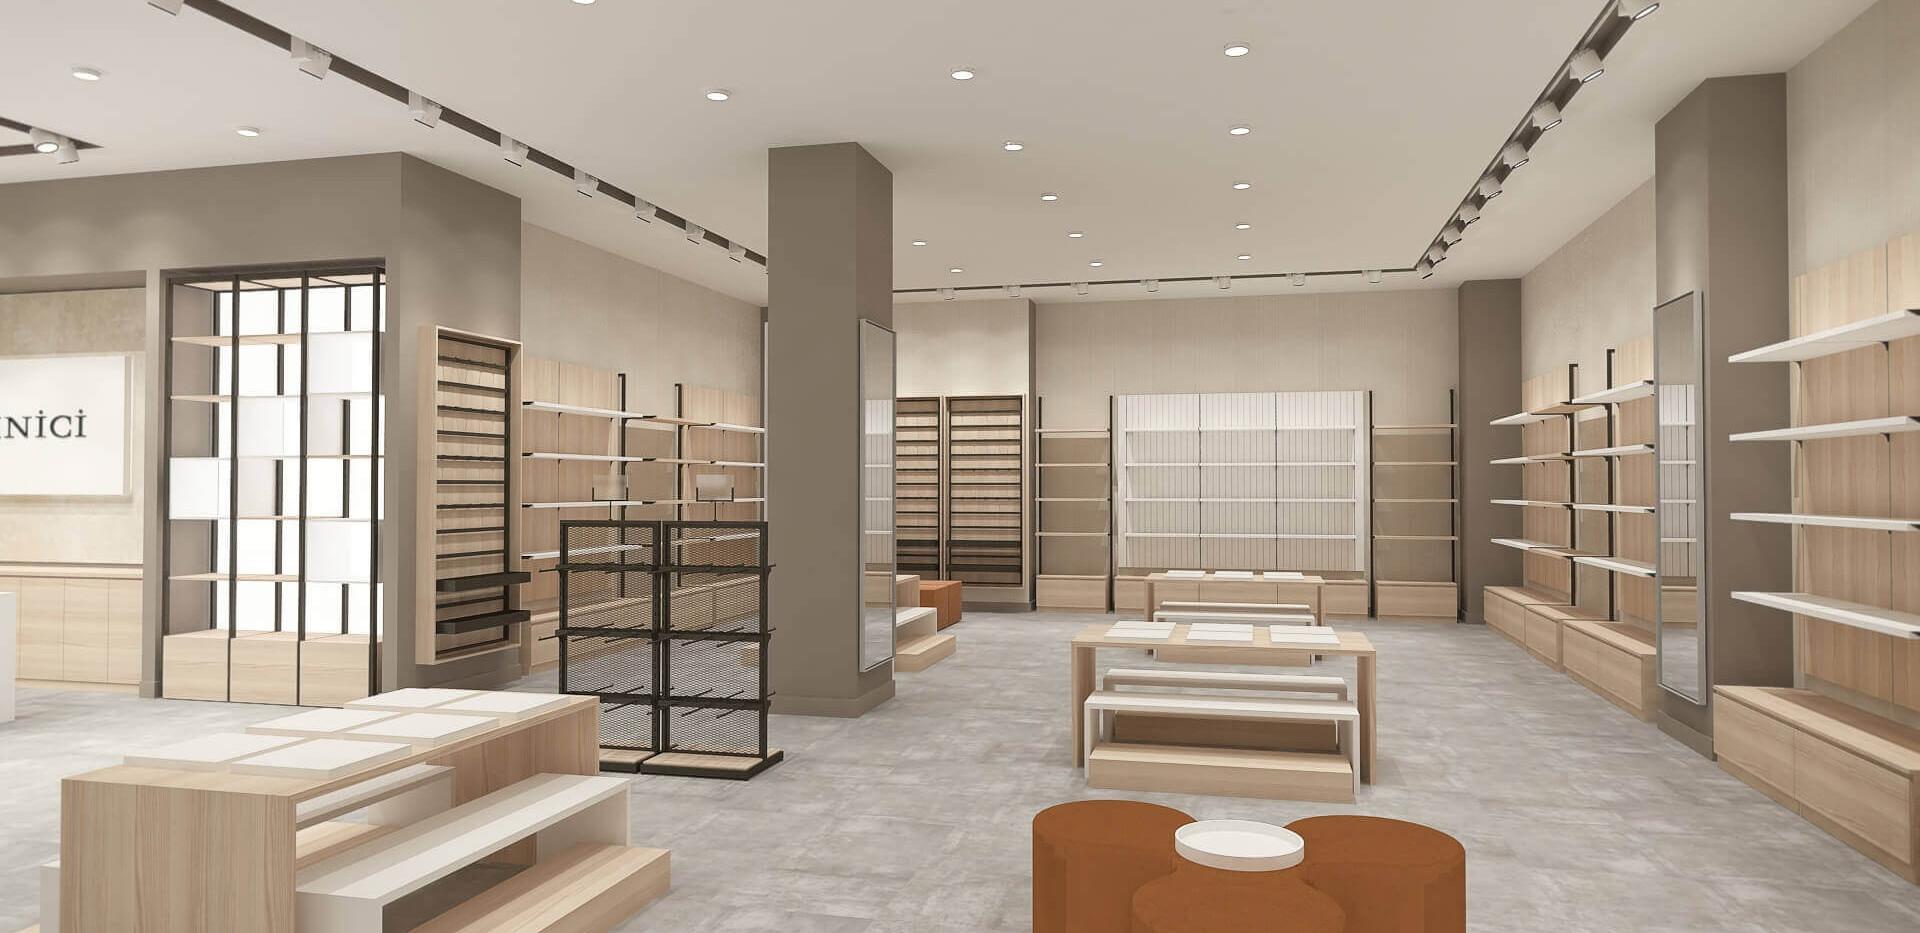 Cinici - Shoes Store Shop Design-9.jpg